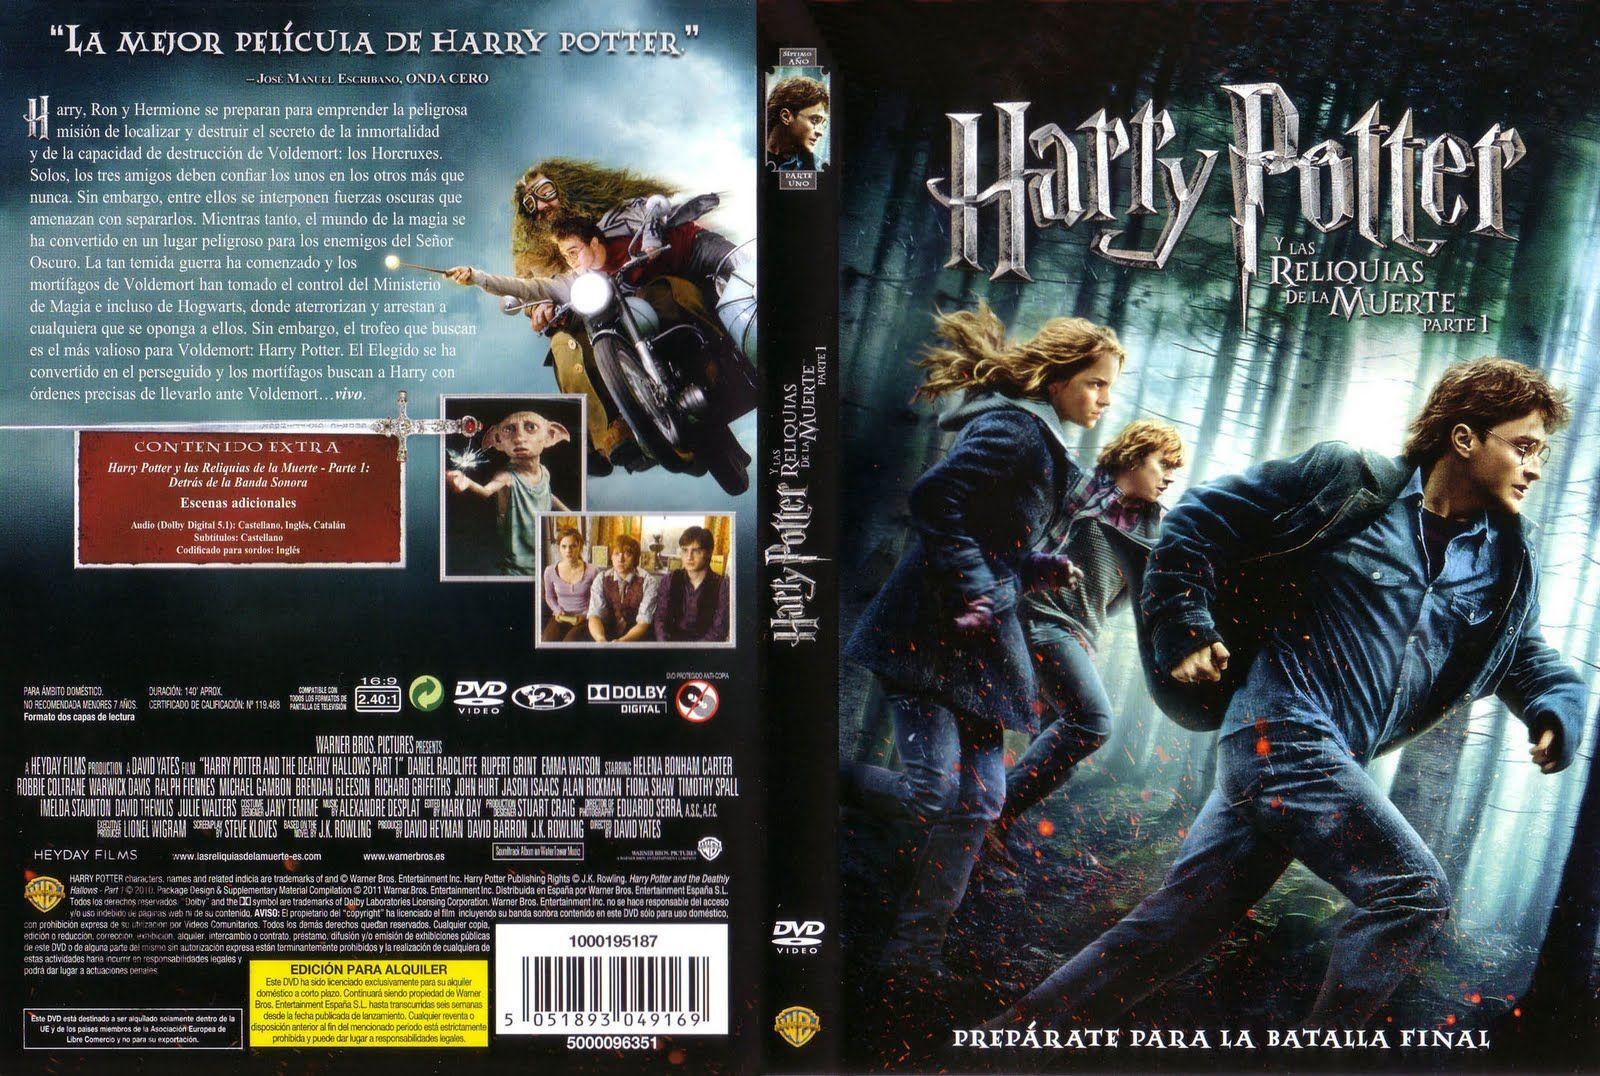 Harry Potter Y Las Reliquias De La Muerte Parte 1 Caratula Peliculas De Harry Potter Harry Potter Peliculas Mejores